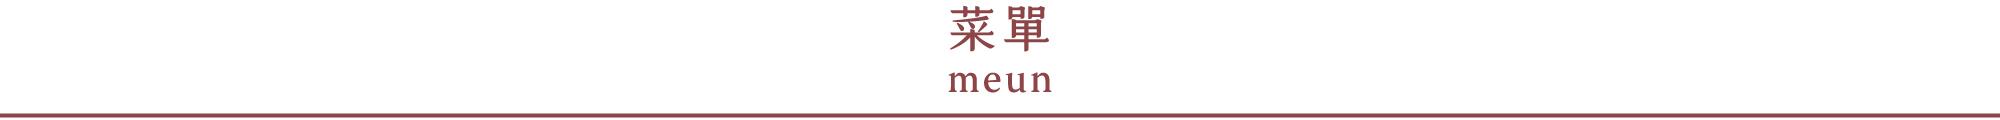 大師兄銷魂麵舖 銷魂辣油 銷魂麵舖菜單 無牛肉 麻辣 清燉 小菜 麻辣三寶